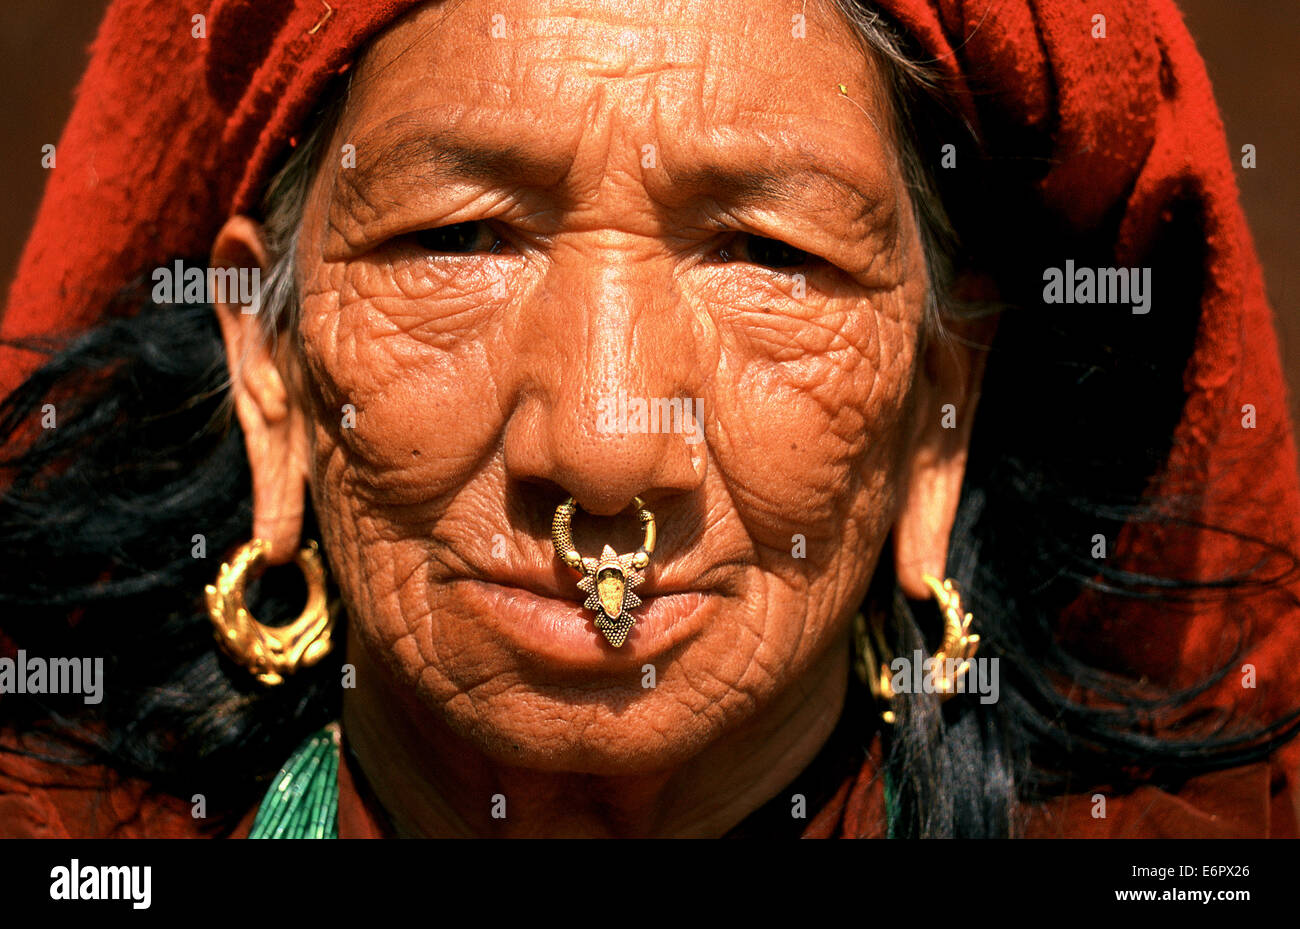 Woman wearing traditional jewelry ( Nepal) - Stock Image